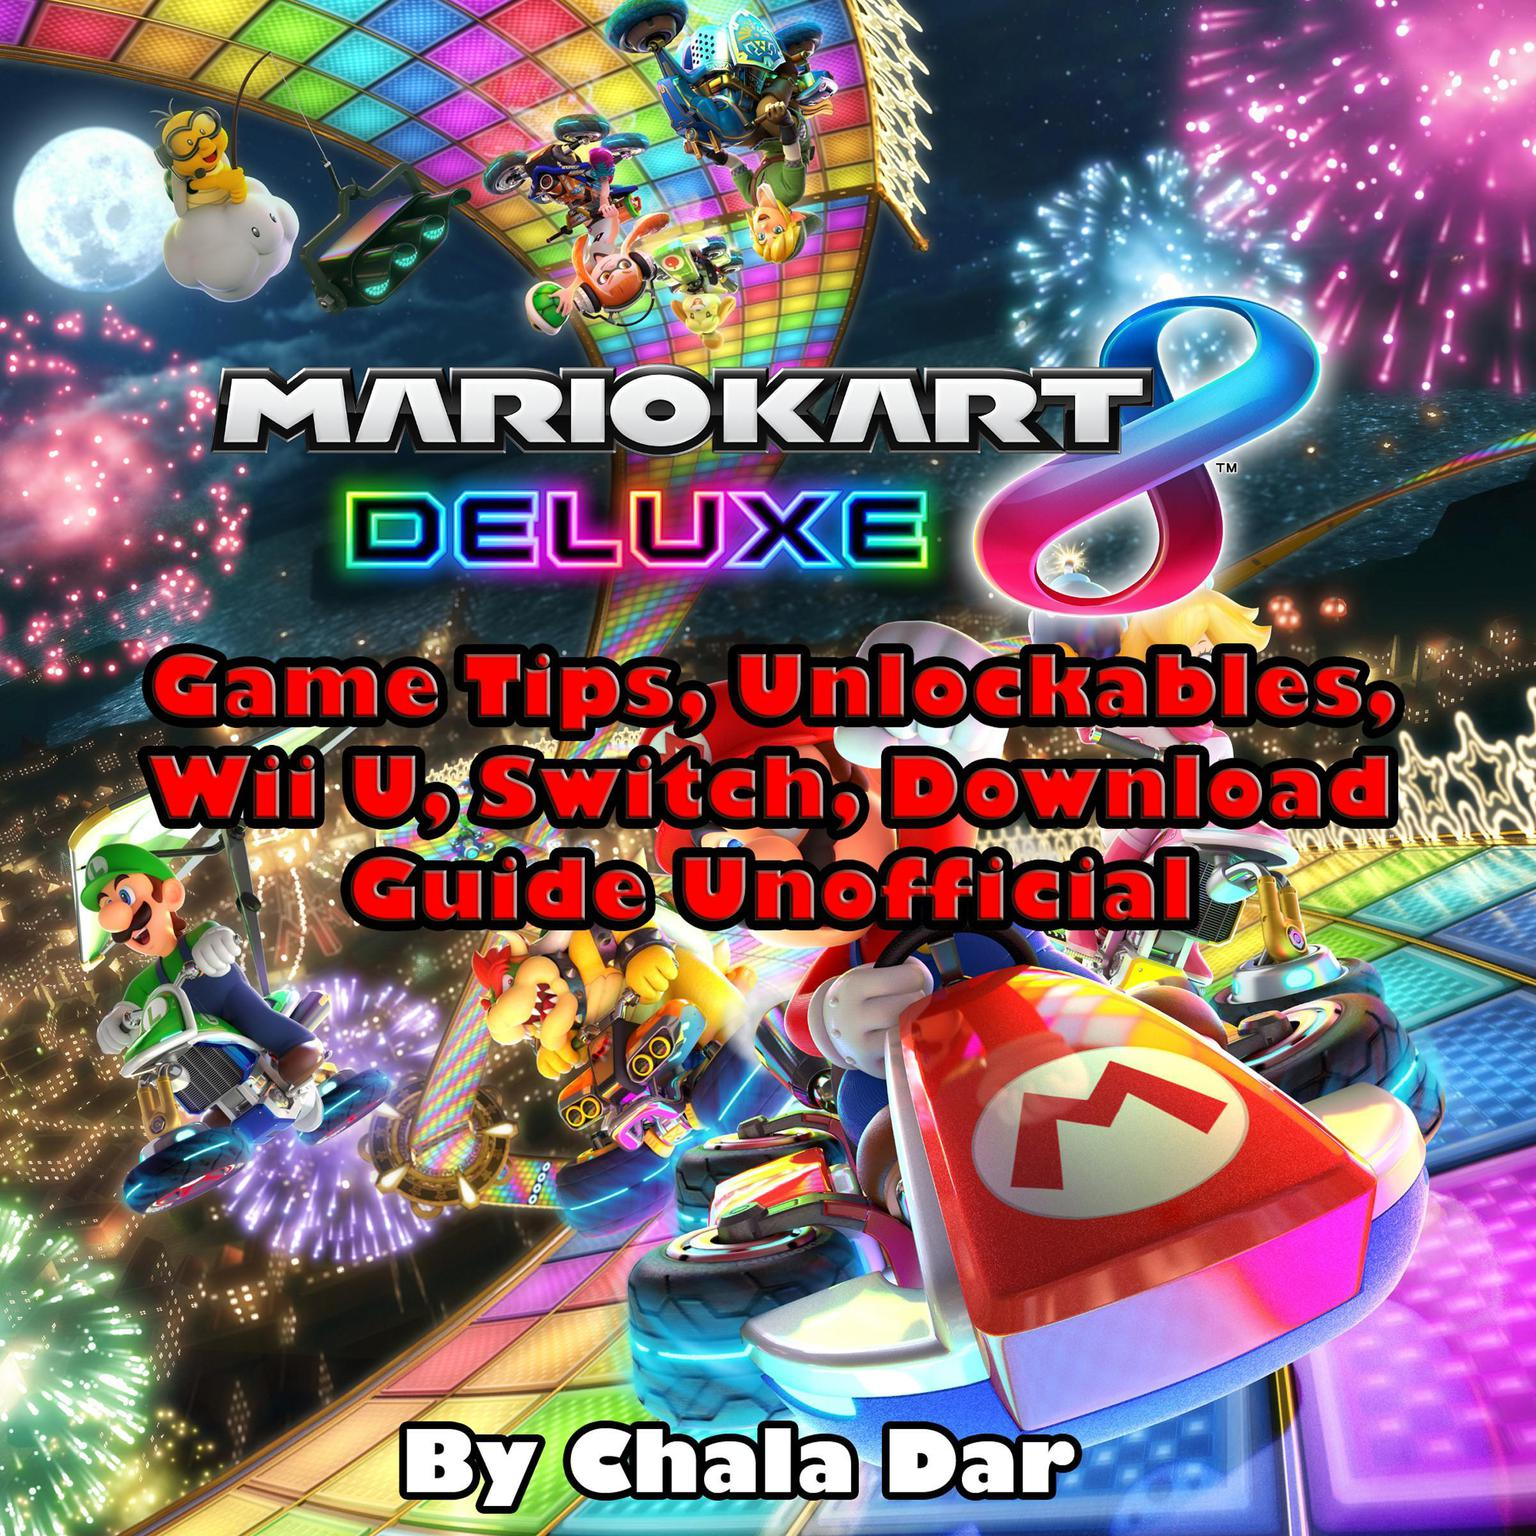 Mario Kart 8 Deluxe Game Tips Unlockables Wii U Switch Download Guide Unofficial Audiobook